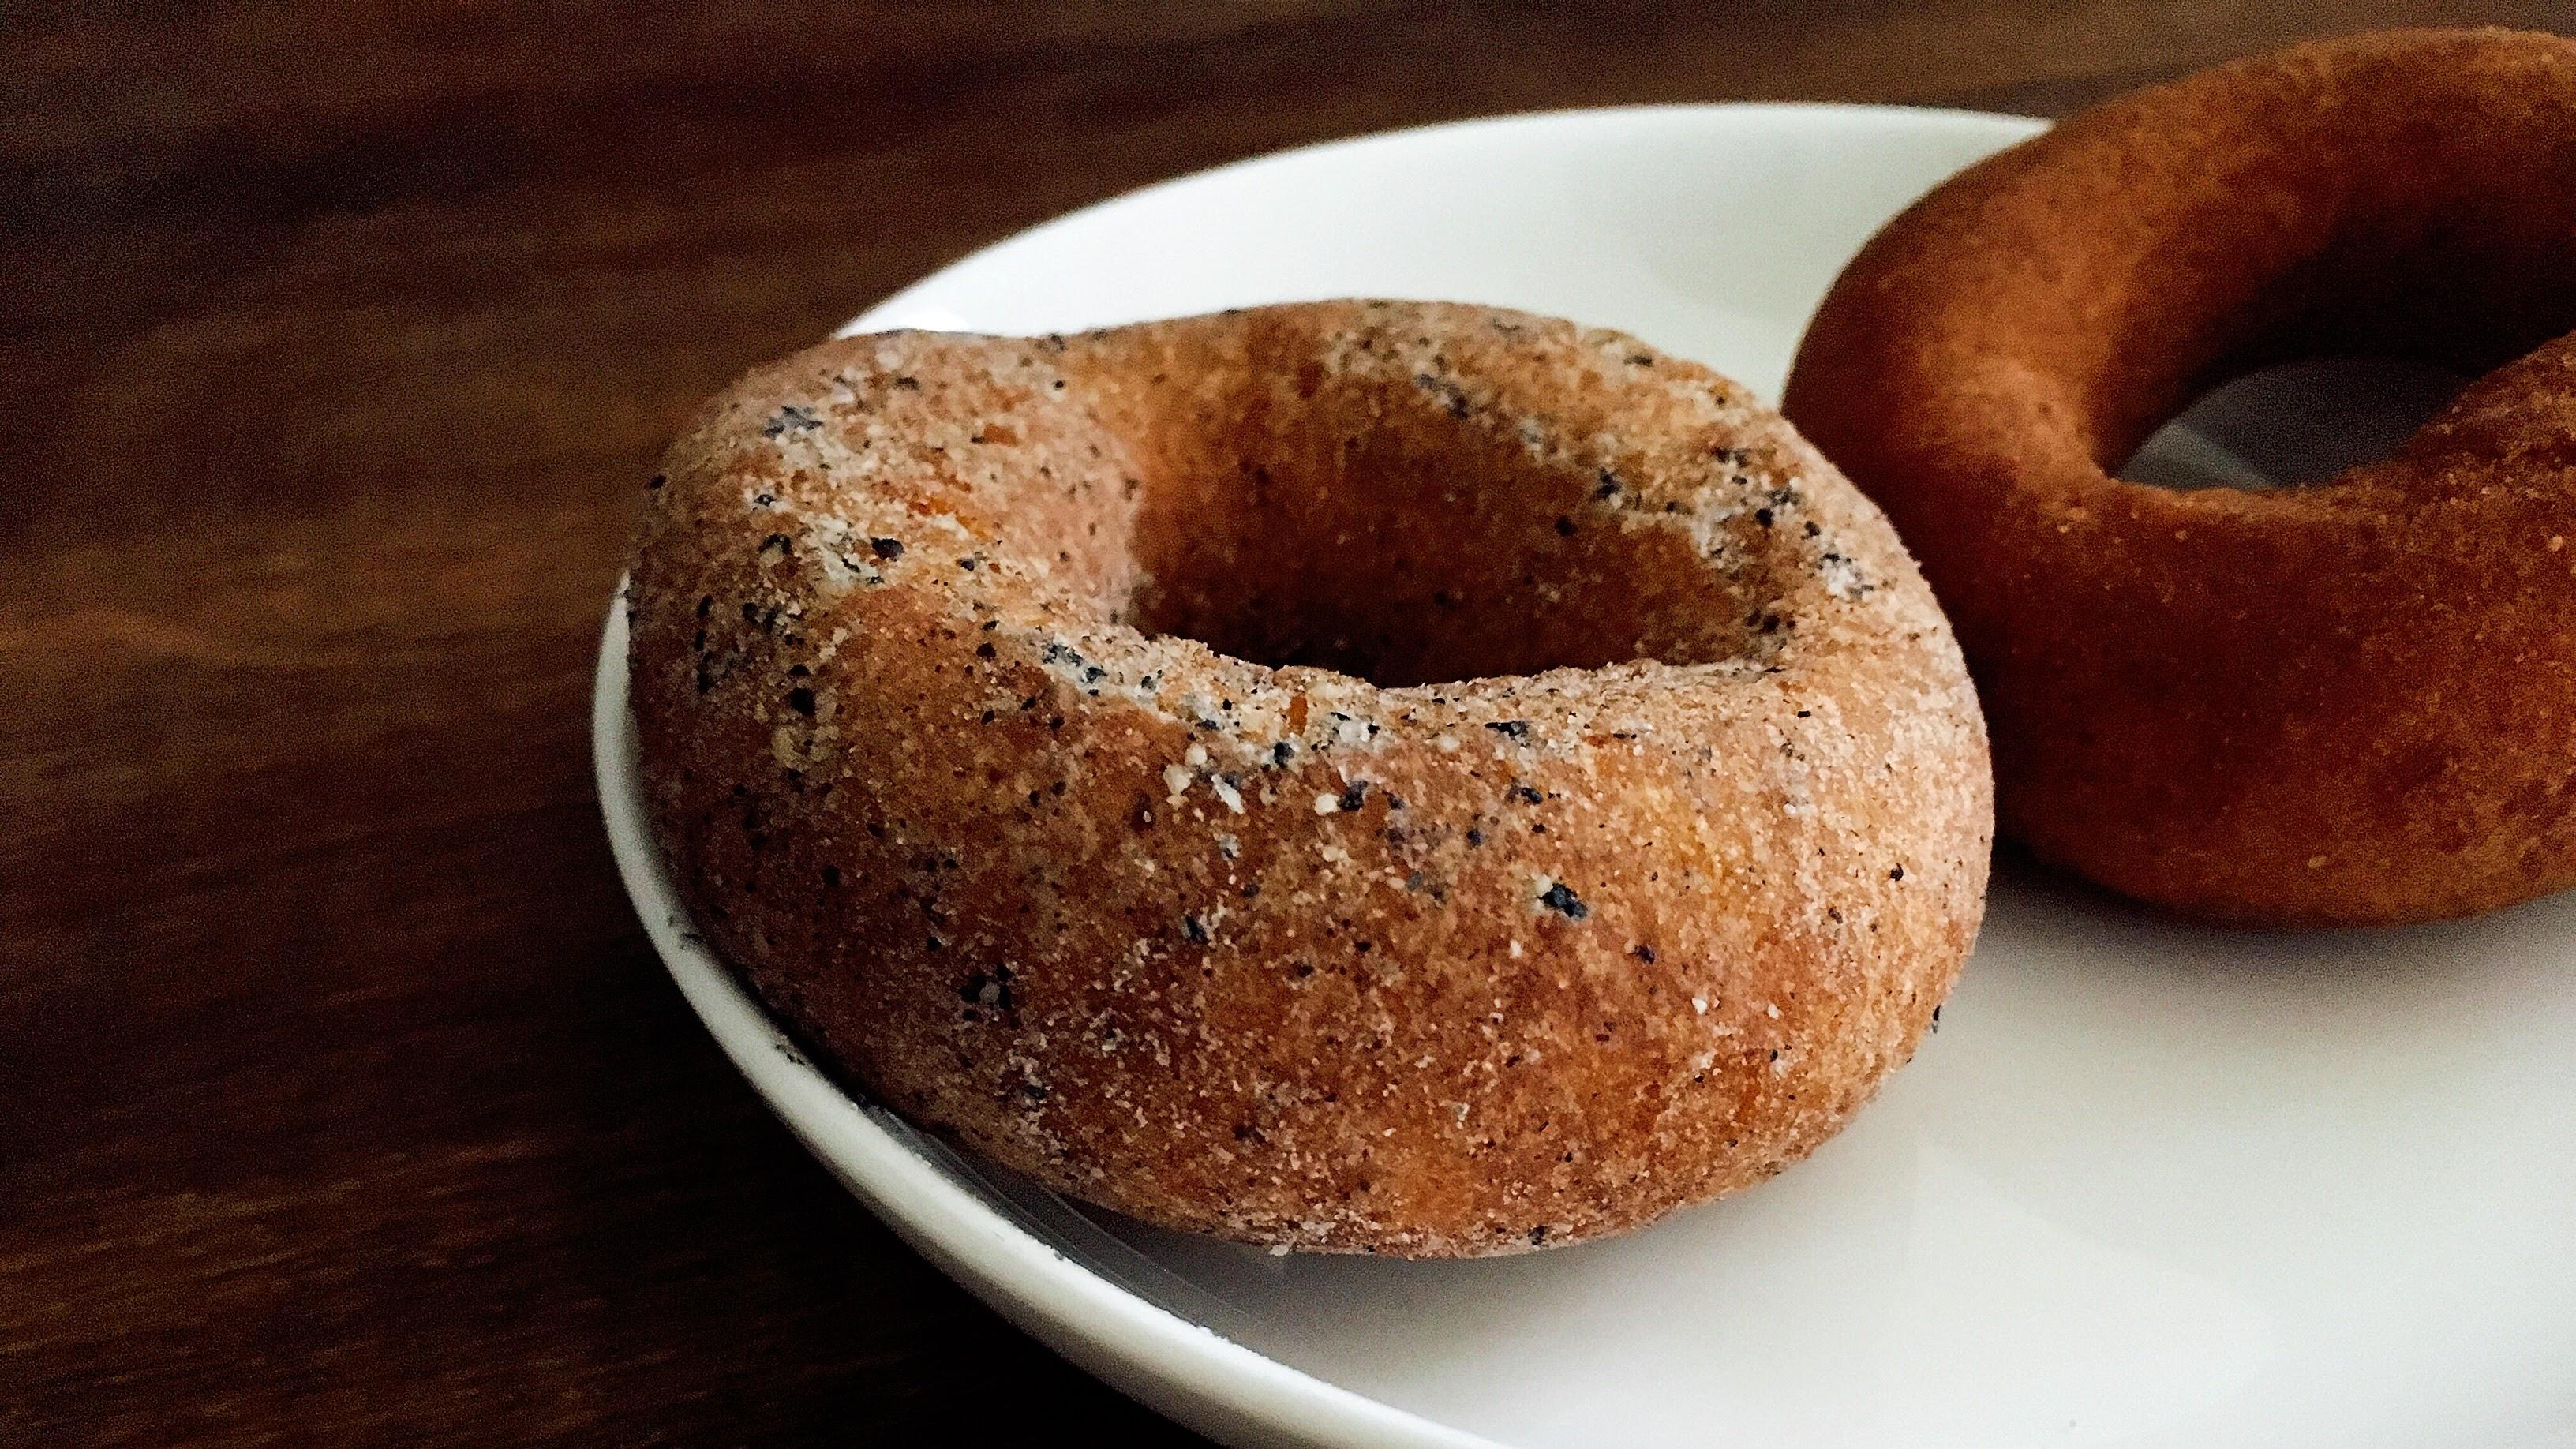 麻布十番のnicoドーナツのゴマミルクドーナツの画像